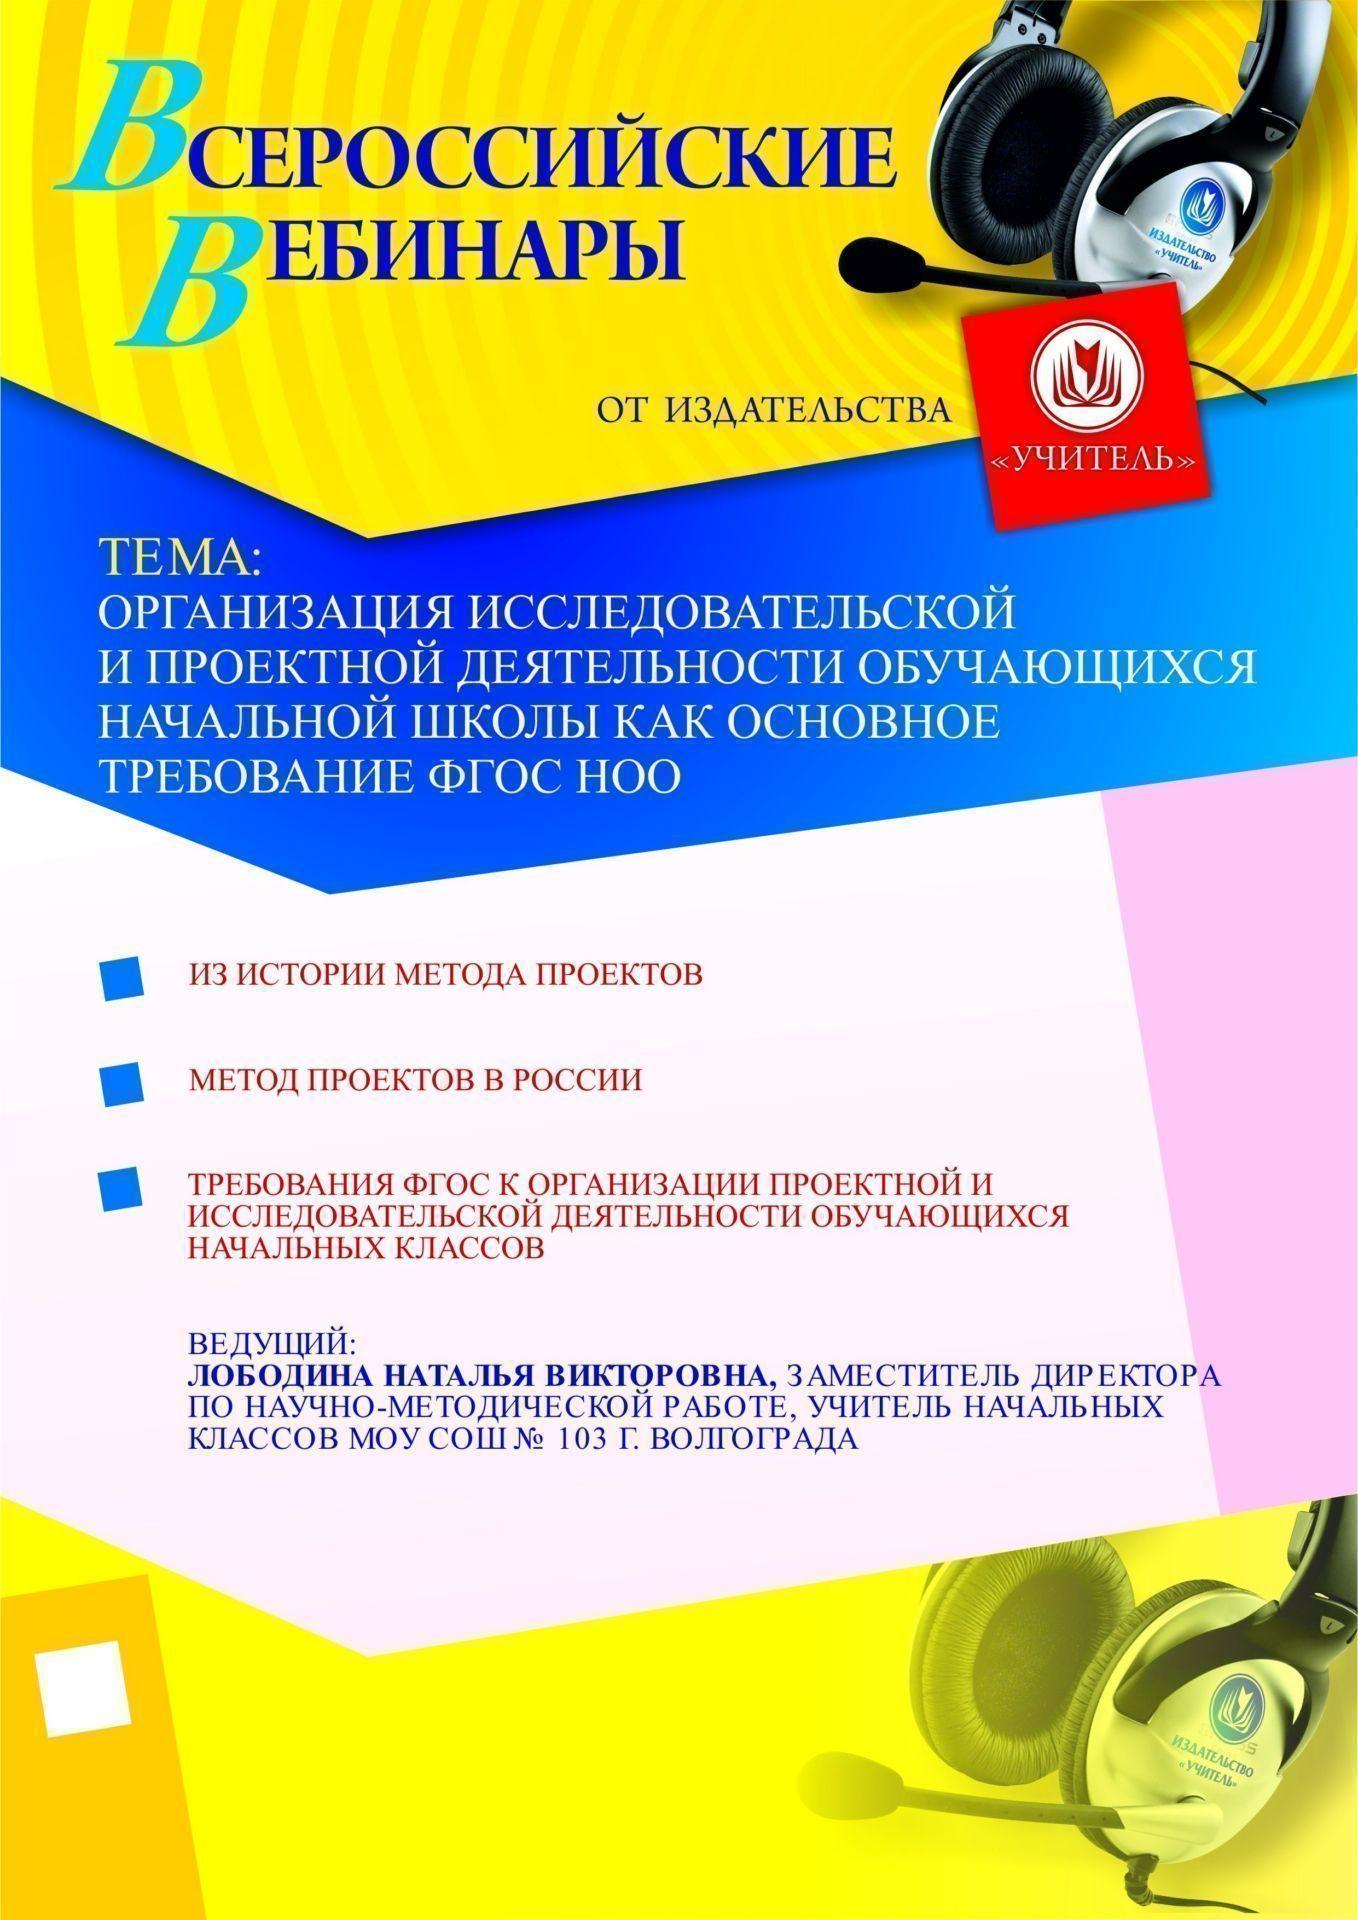 Организация исследовательской и проектной деятельности обучающихся начальной школы как основное требование ФГОС НОО фото